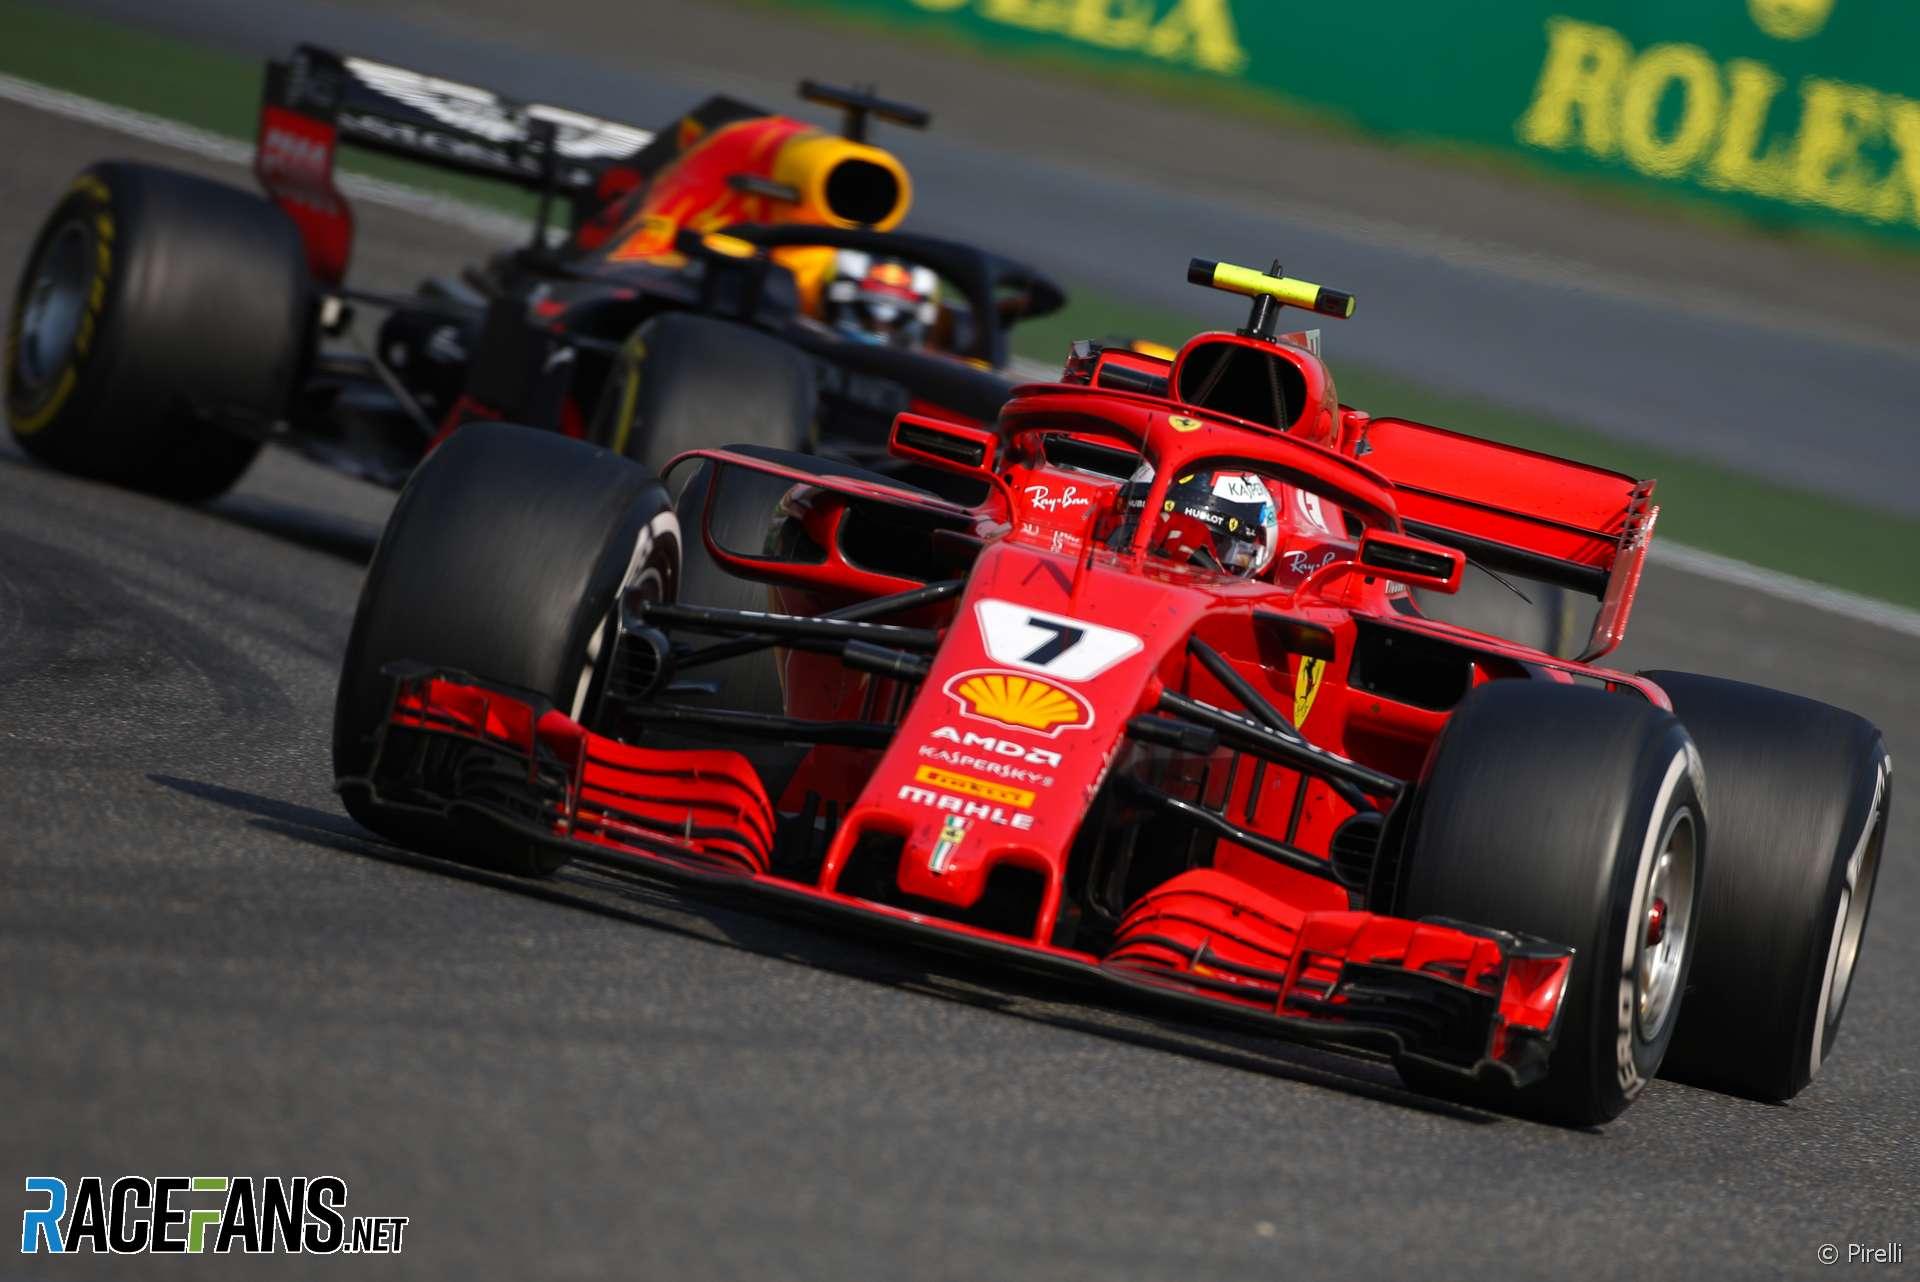 Kimi Raikkonen, Ferrari, Shanghai International Circuit, 2018